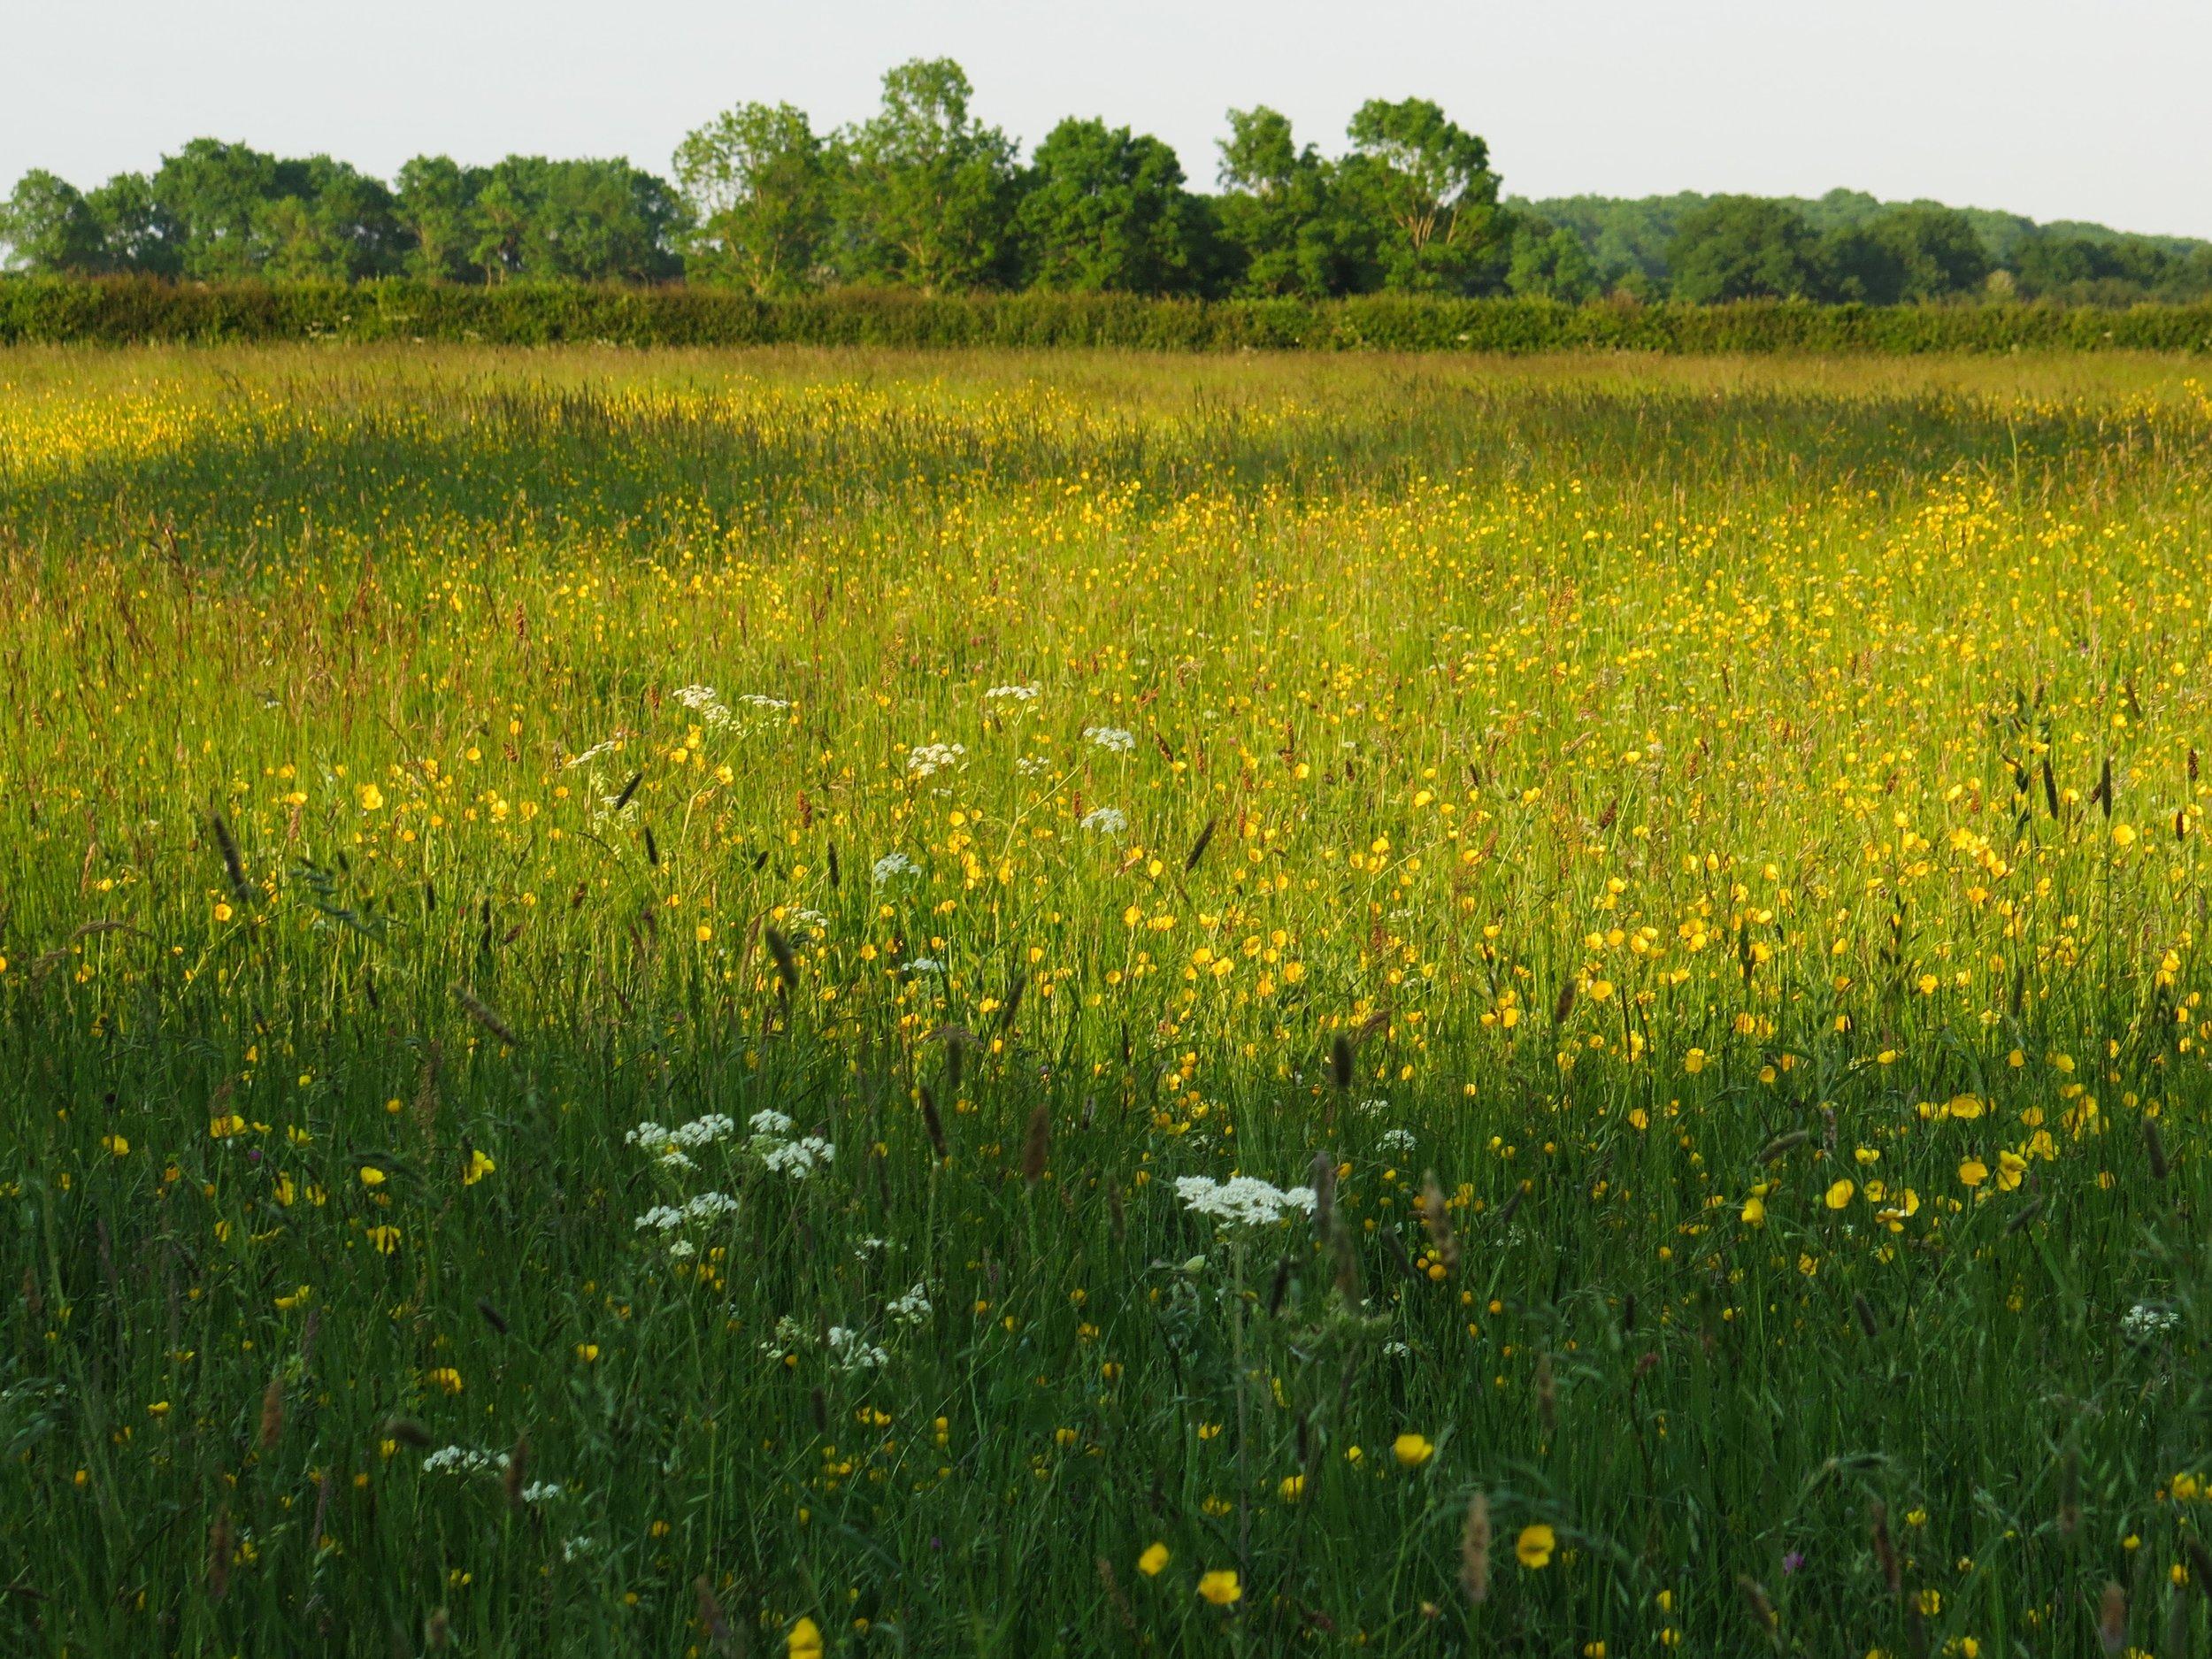 Grassland subject to Phase 1 survey